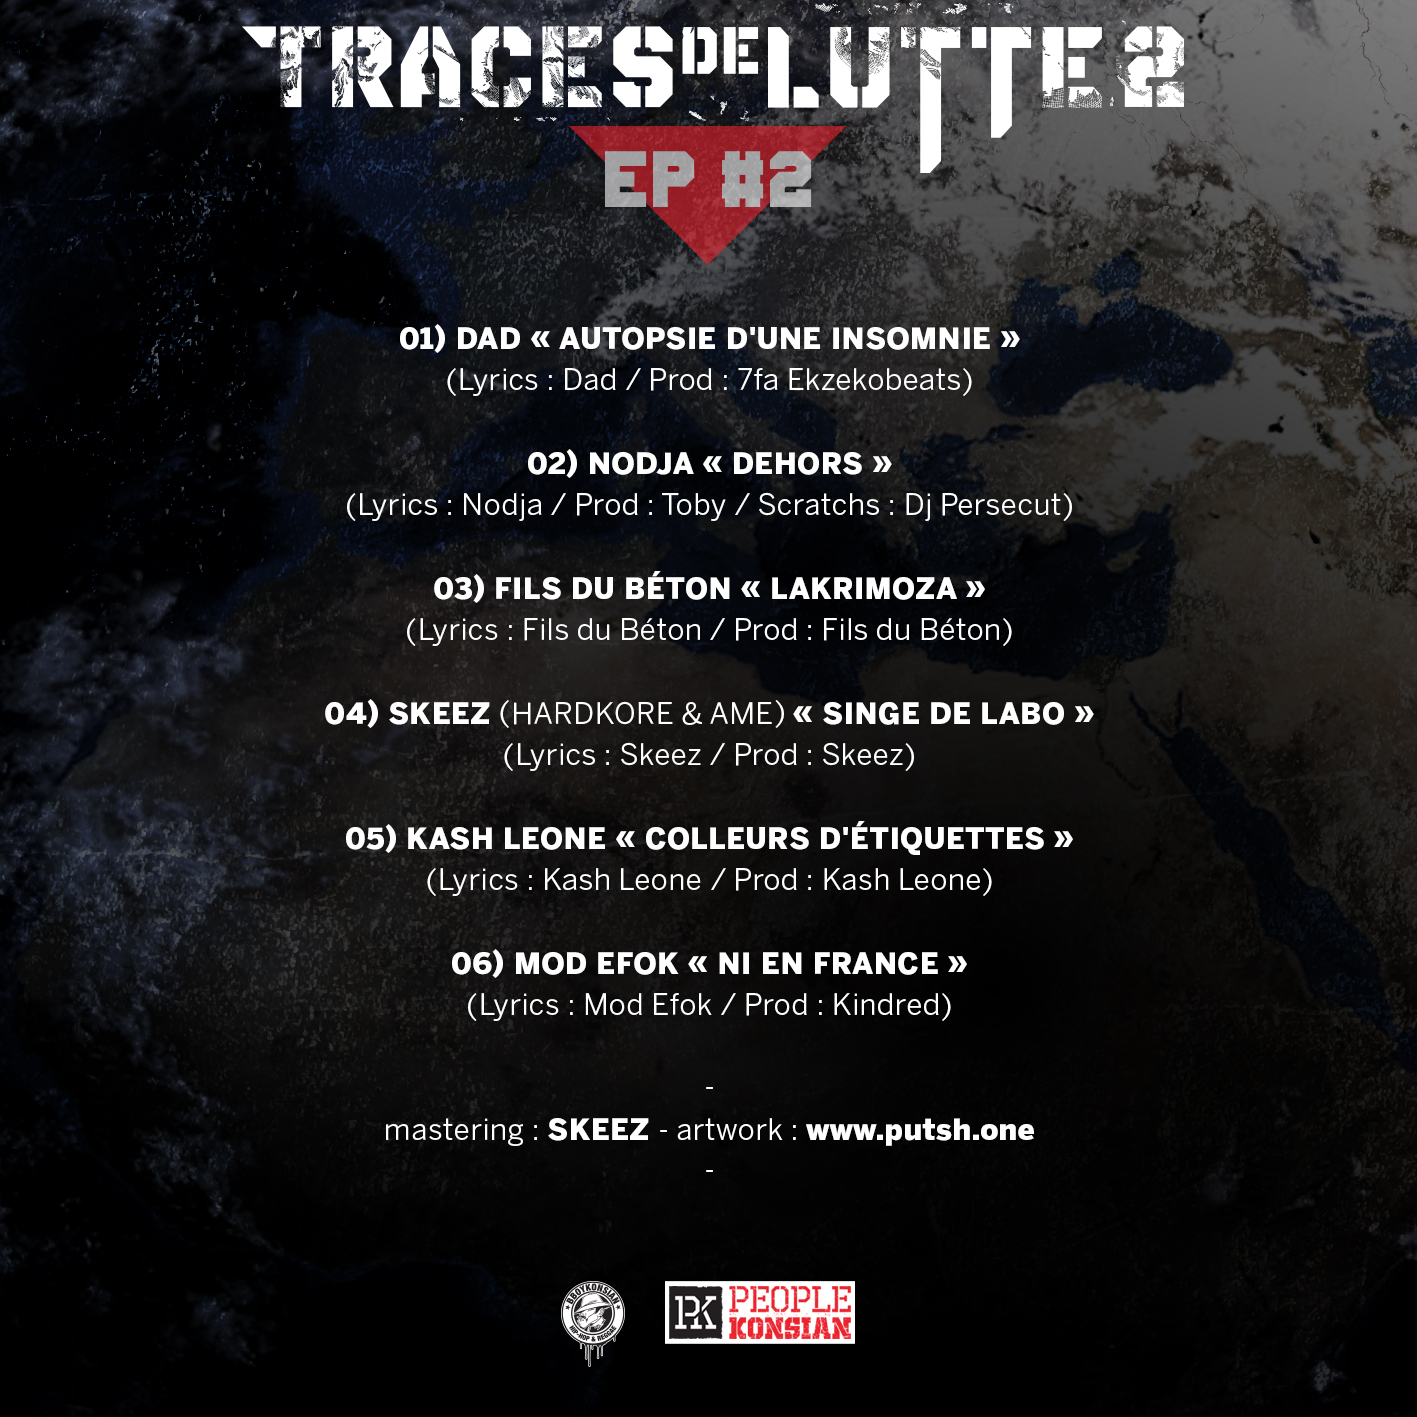 """Sortie de """"Traces de lutte 2 - EP #2"""" en Digital à prix libre"""